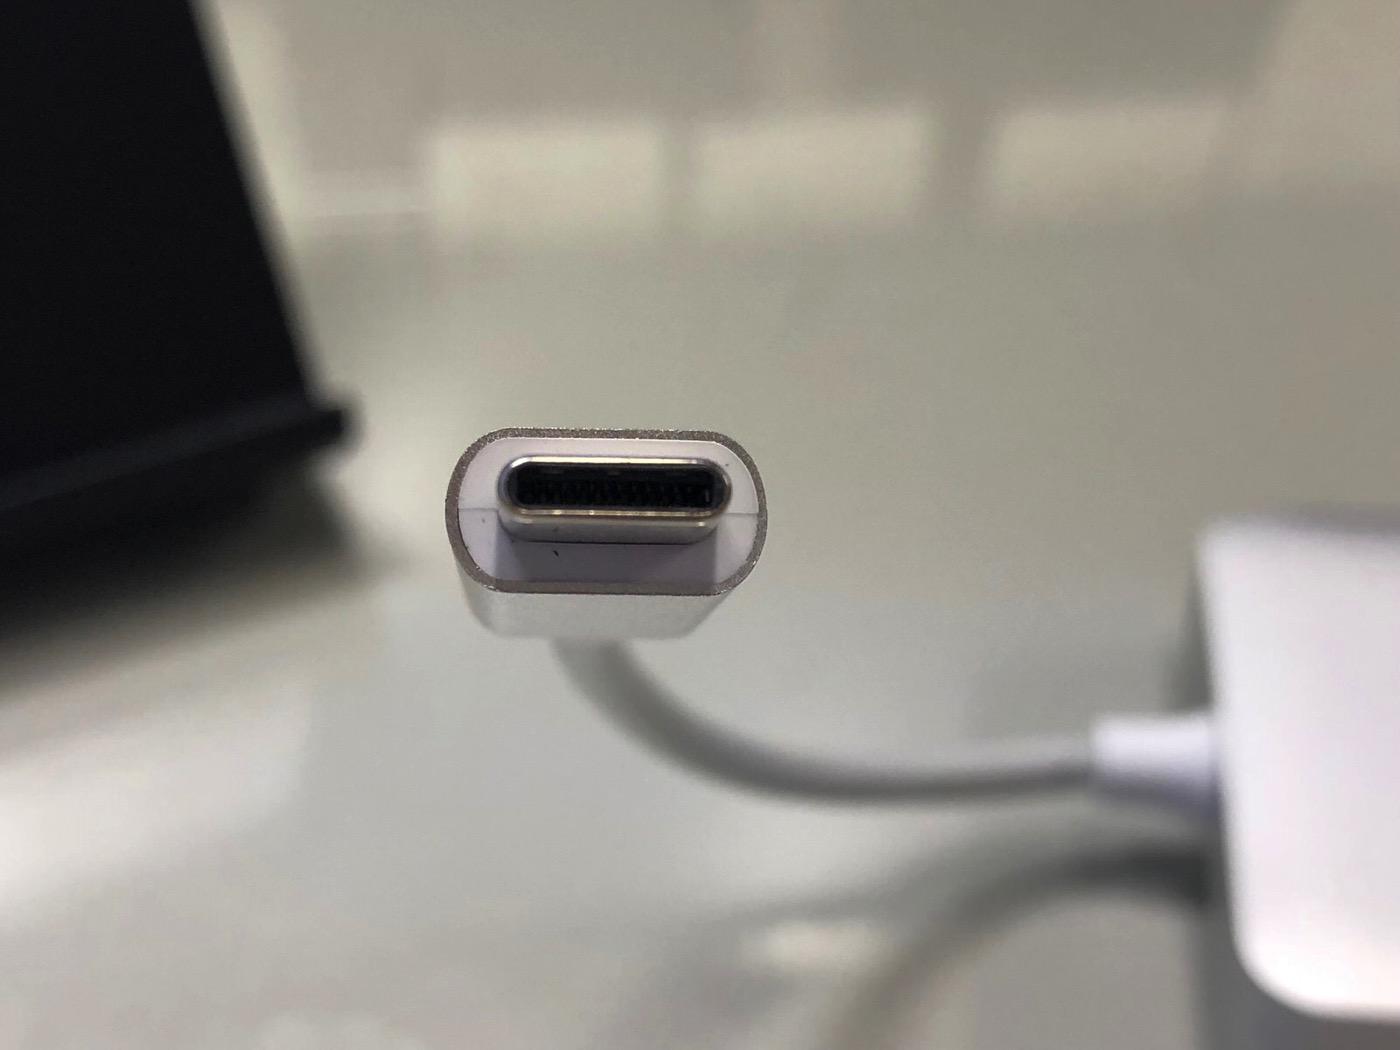 AUKEY USB C ハブ 7 in 1 マルチハブ-7